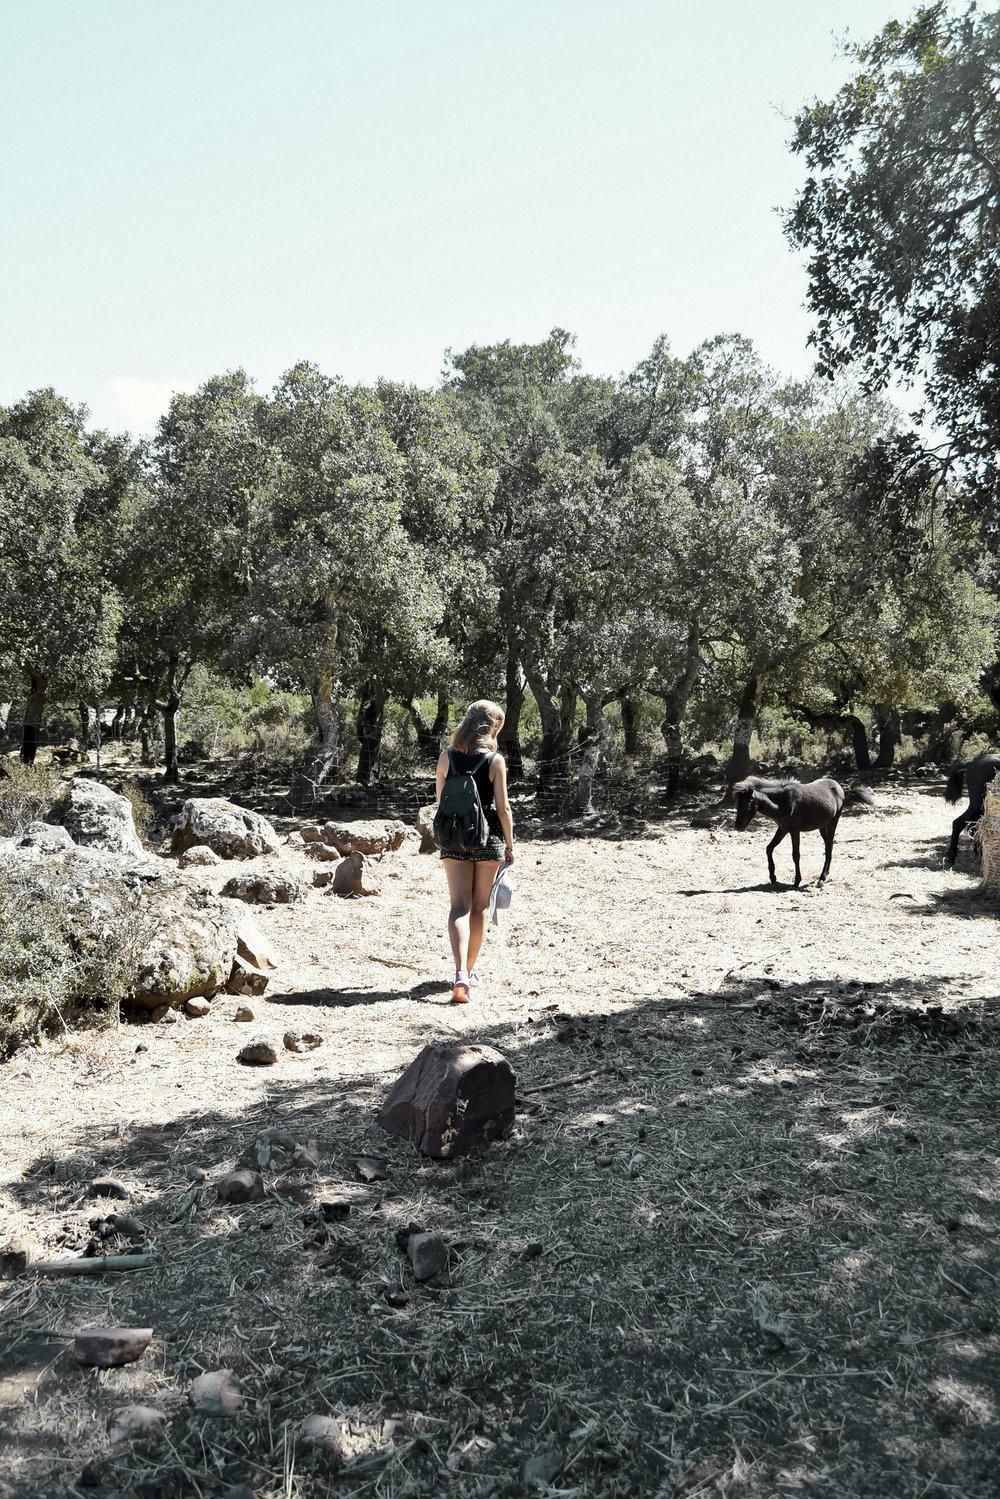 Giara di Gesturi – Wanderung mit Wildpferden - Pferde gehören normalerweise nicht zu meinen Lieblingstieren, genauso wenig kann ich mich für lange Wanderungen begeistern. Dieser Ausflug bedeutete jedoch beides: eine 12km lange Wanderung auf einer 550m hoch gelegenen Basalthochfläche,wo freilebende Wildpferde grasen, die hier zu Hause sind.